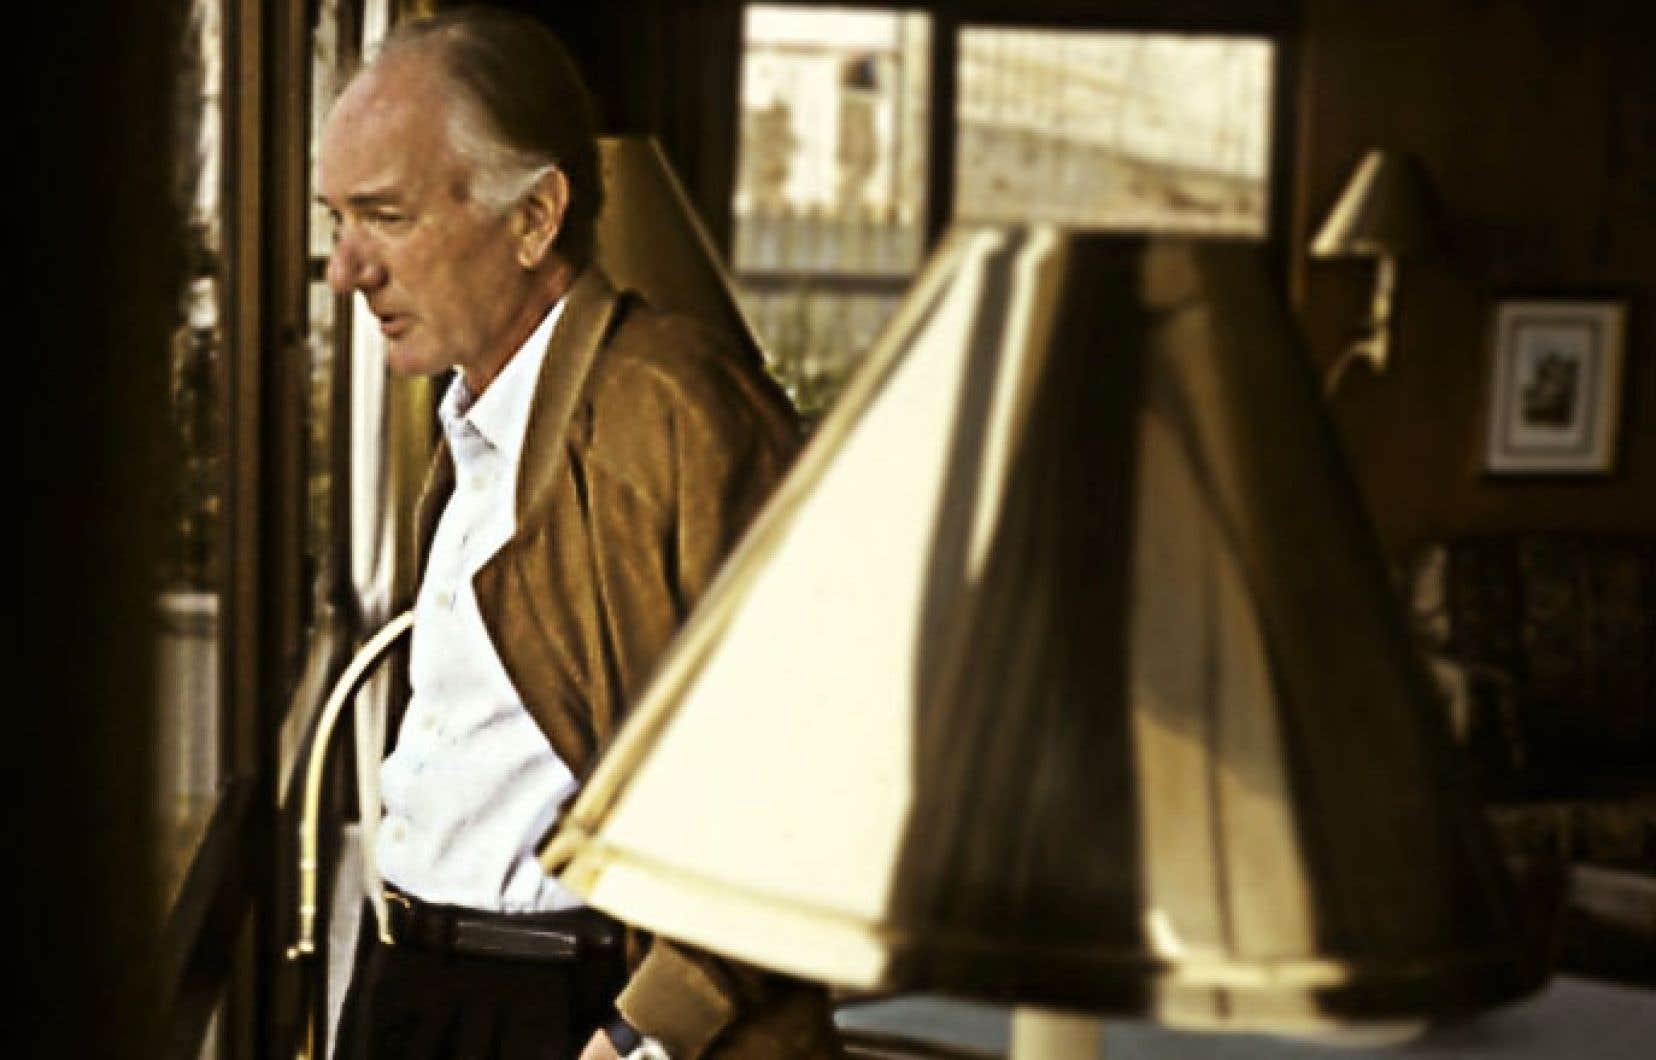 Son amour très sélectif de la musique, Thomas Bernhard l'a transposé dans l'art de manier les mots en devenant écrivain.